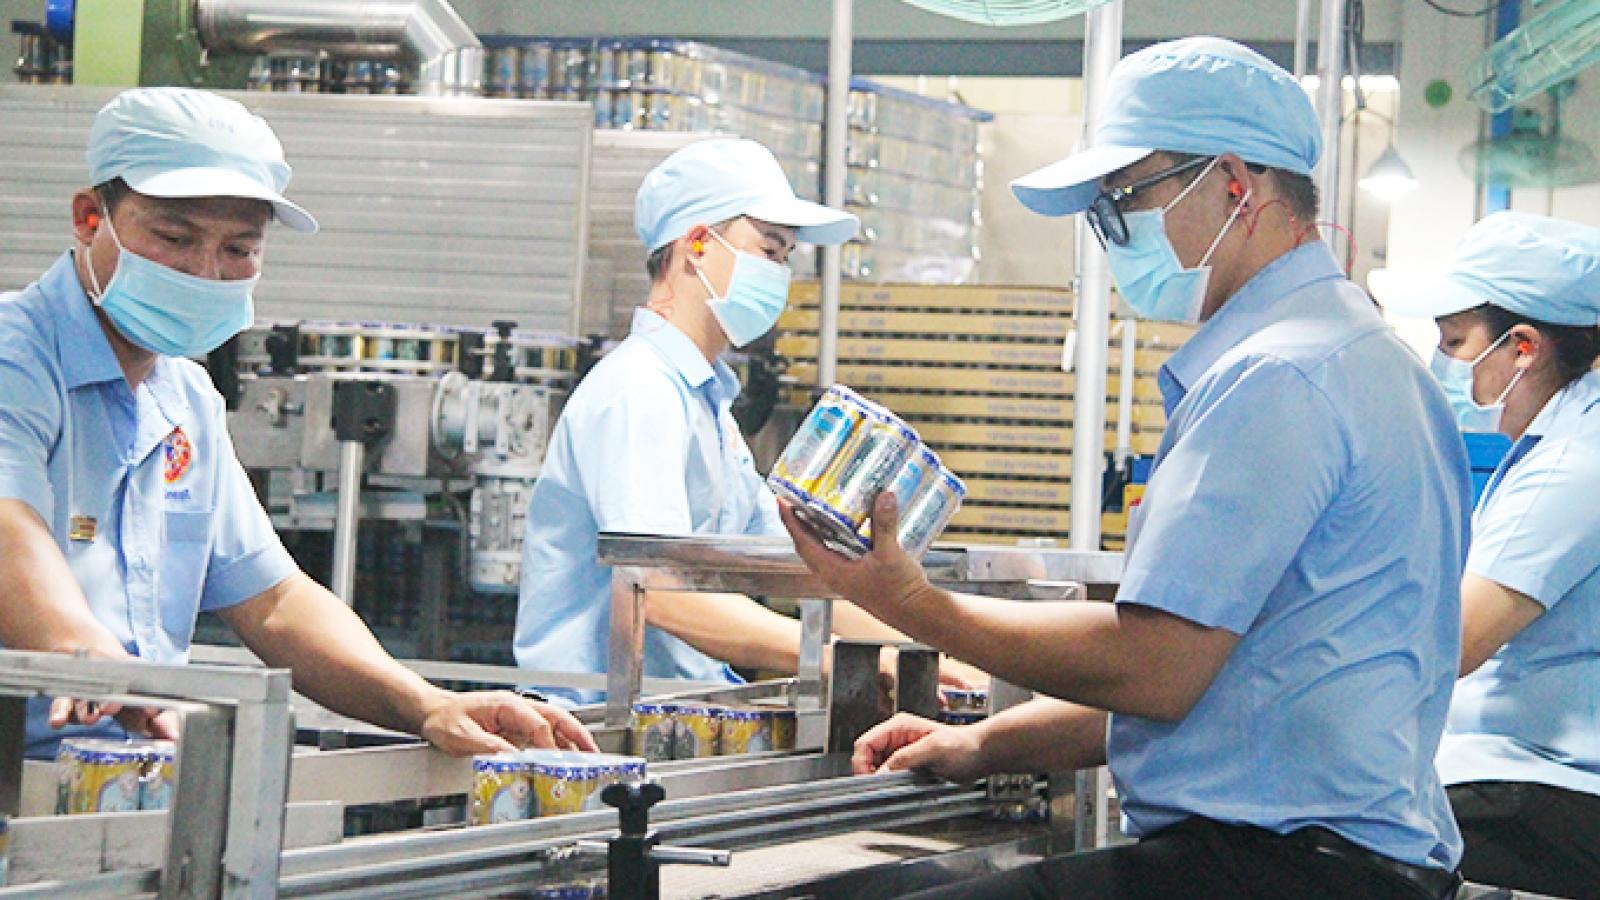 Thực hiện biện pháp phòng dịch COVID-19 vẫn phải đảm bảo ổn định sản xuất